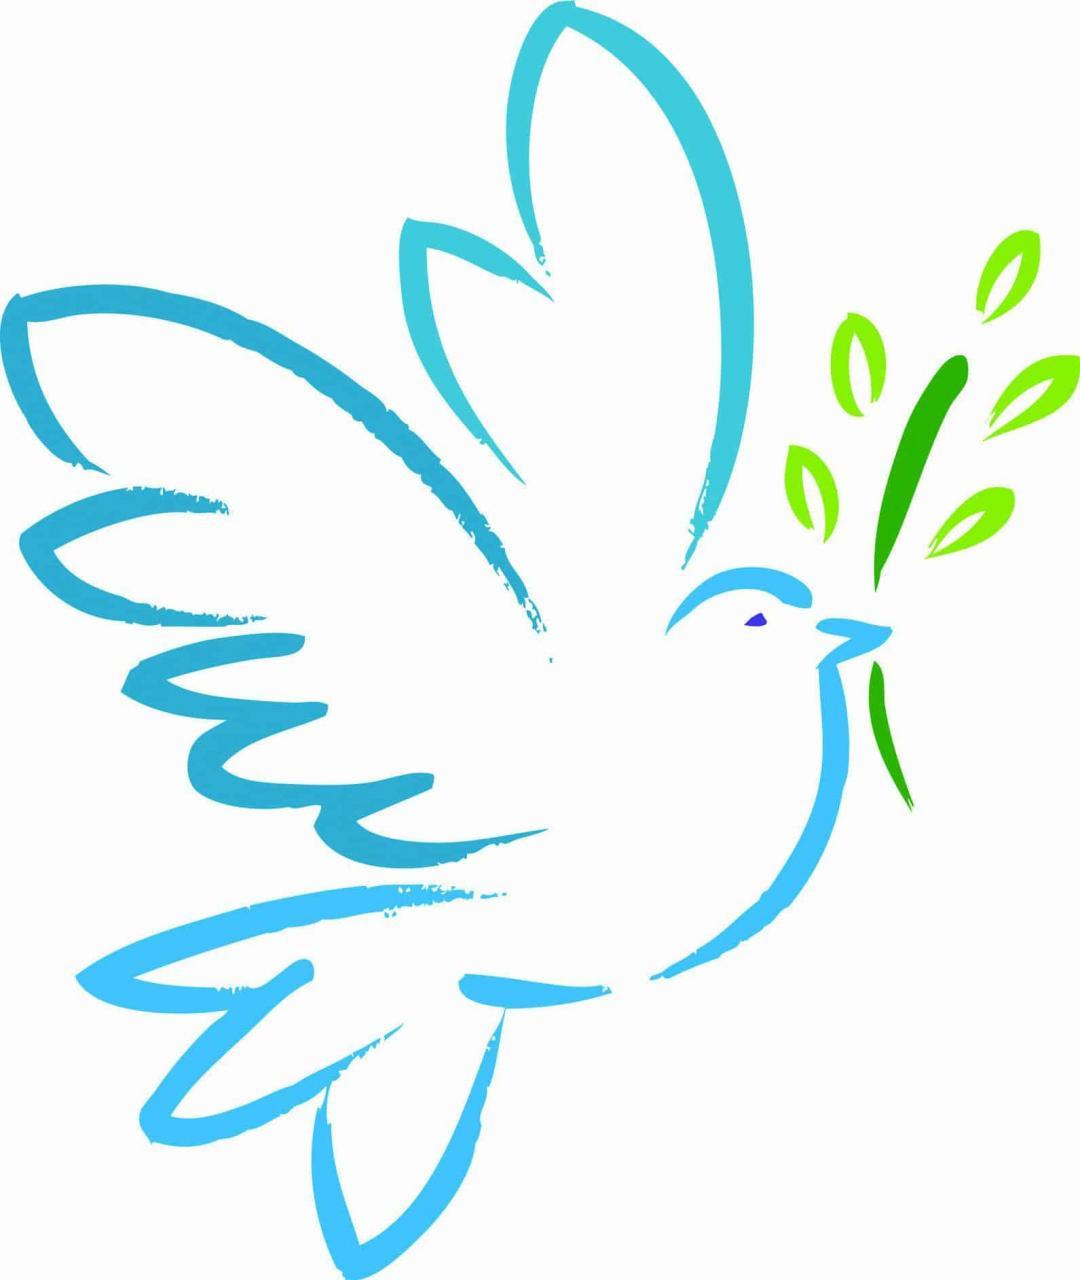 صورة موضوع تعبير عن السلام بالعناصر، هو سلام المجتمع 3880 7